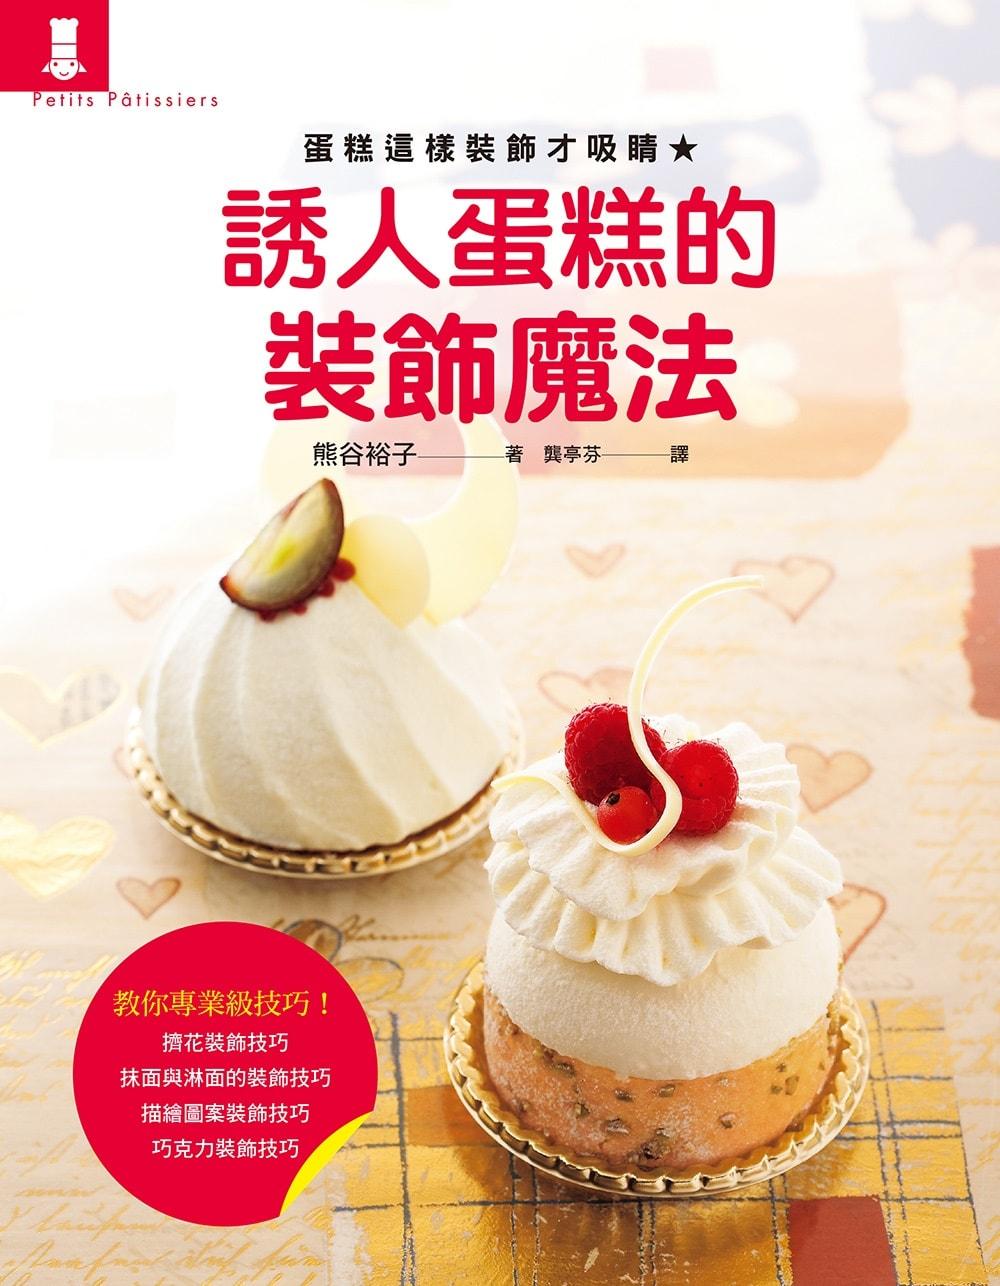 誘人蛋糕的裝飾魔法:蛋糕這樣裝飾才吸睛!讓您躍身專業級的完美裝飾技巧!